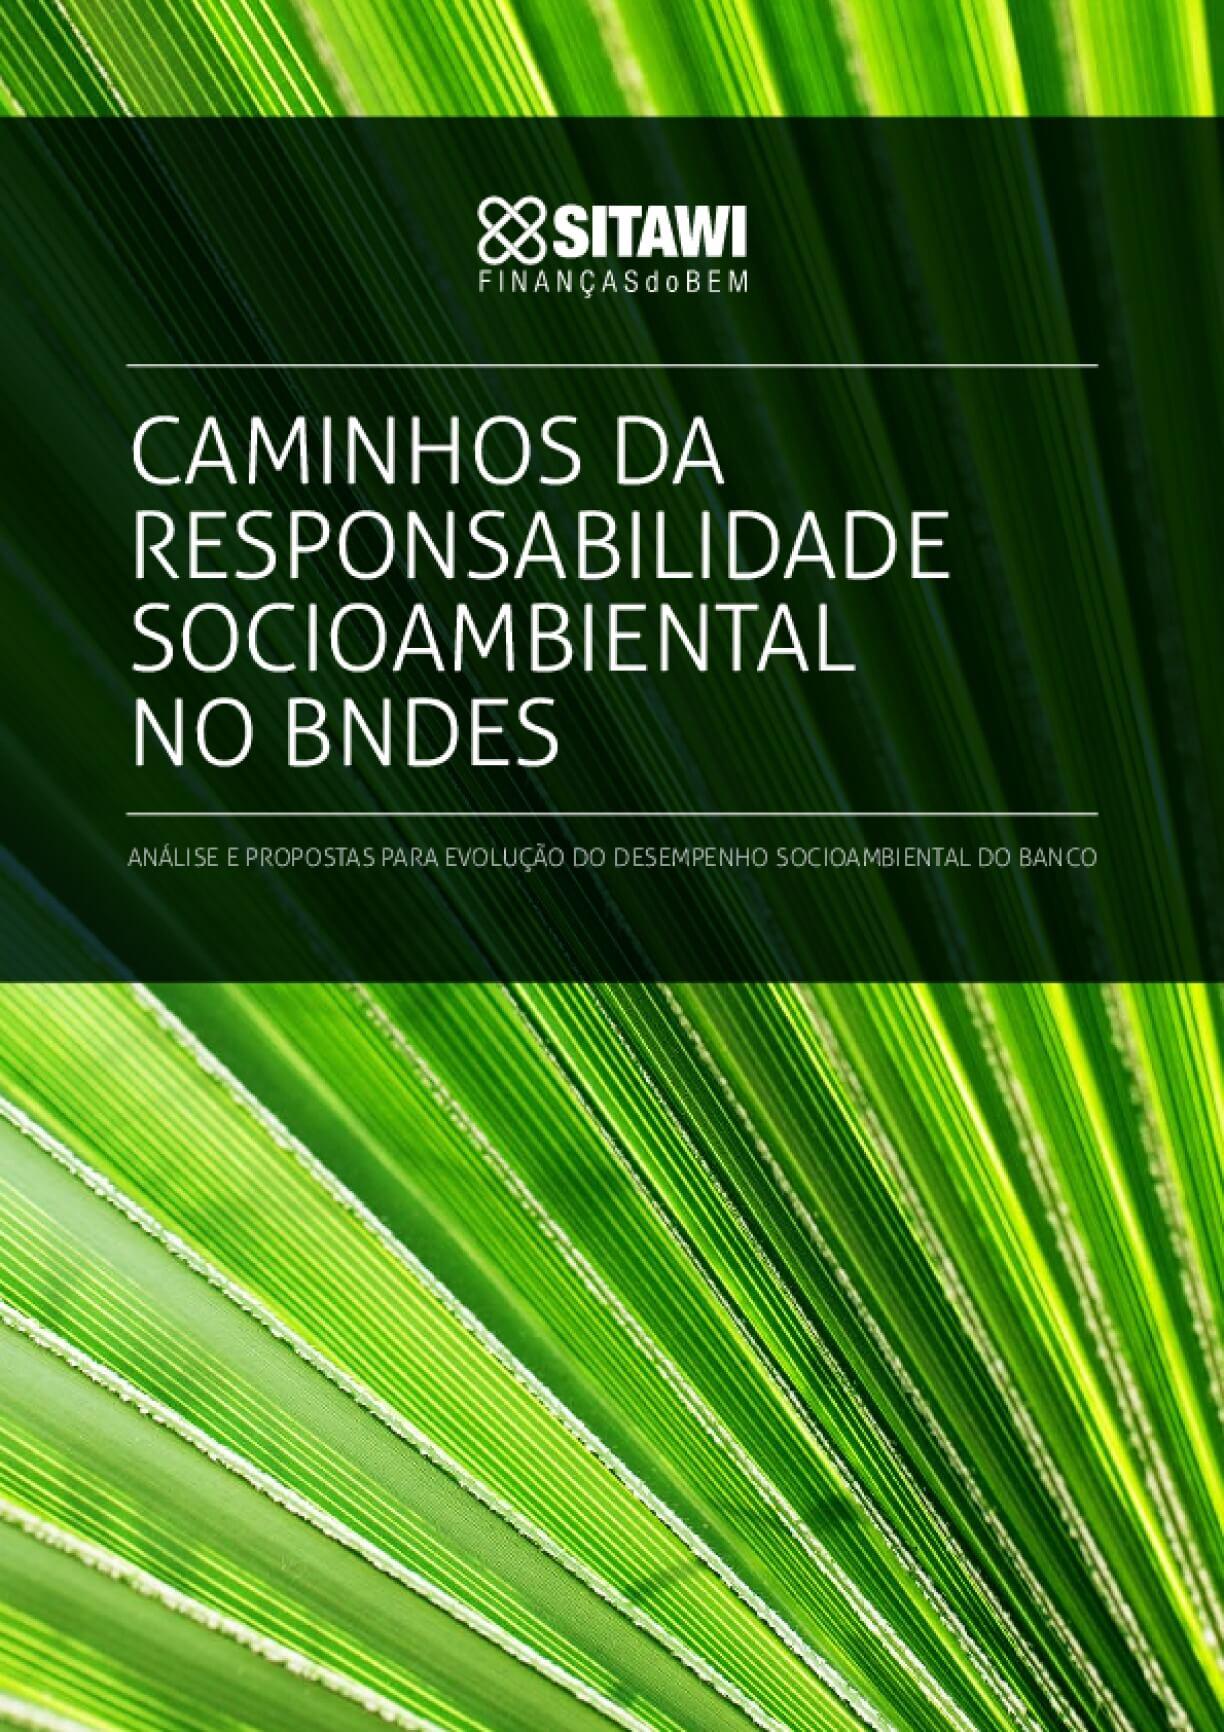 Caminhos da responsabilidade socioambiental no BNDES - análise e propostas para evolução do desempenho socioambiental do banco